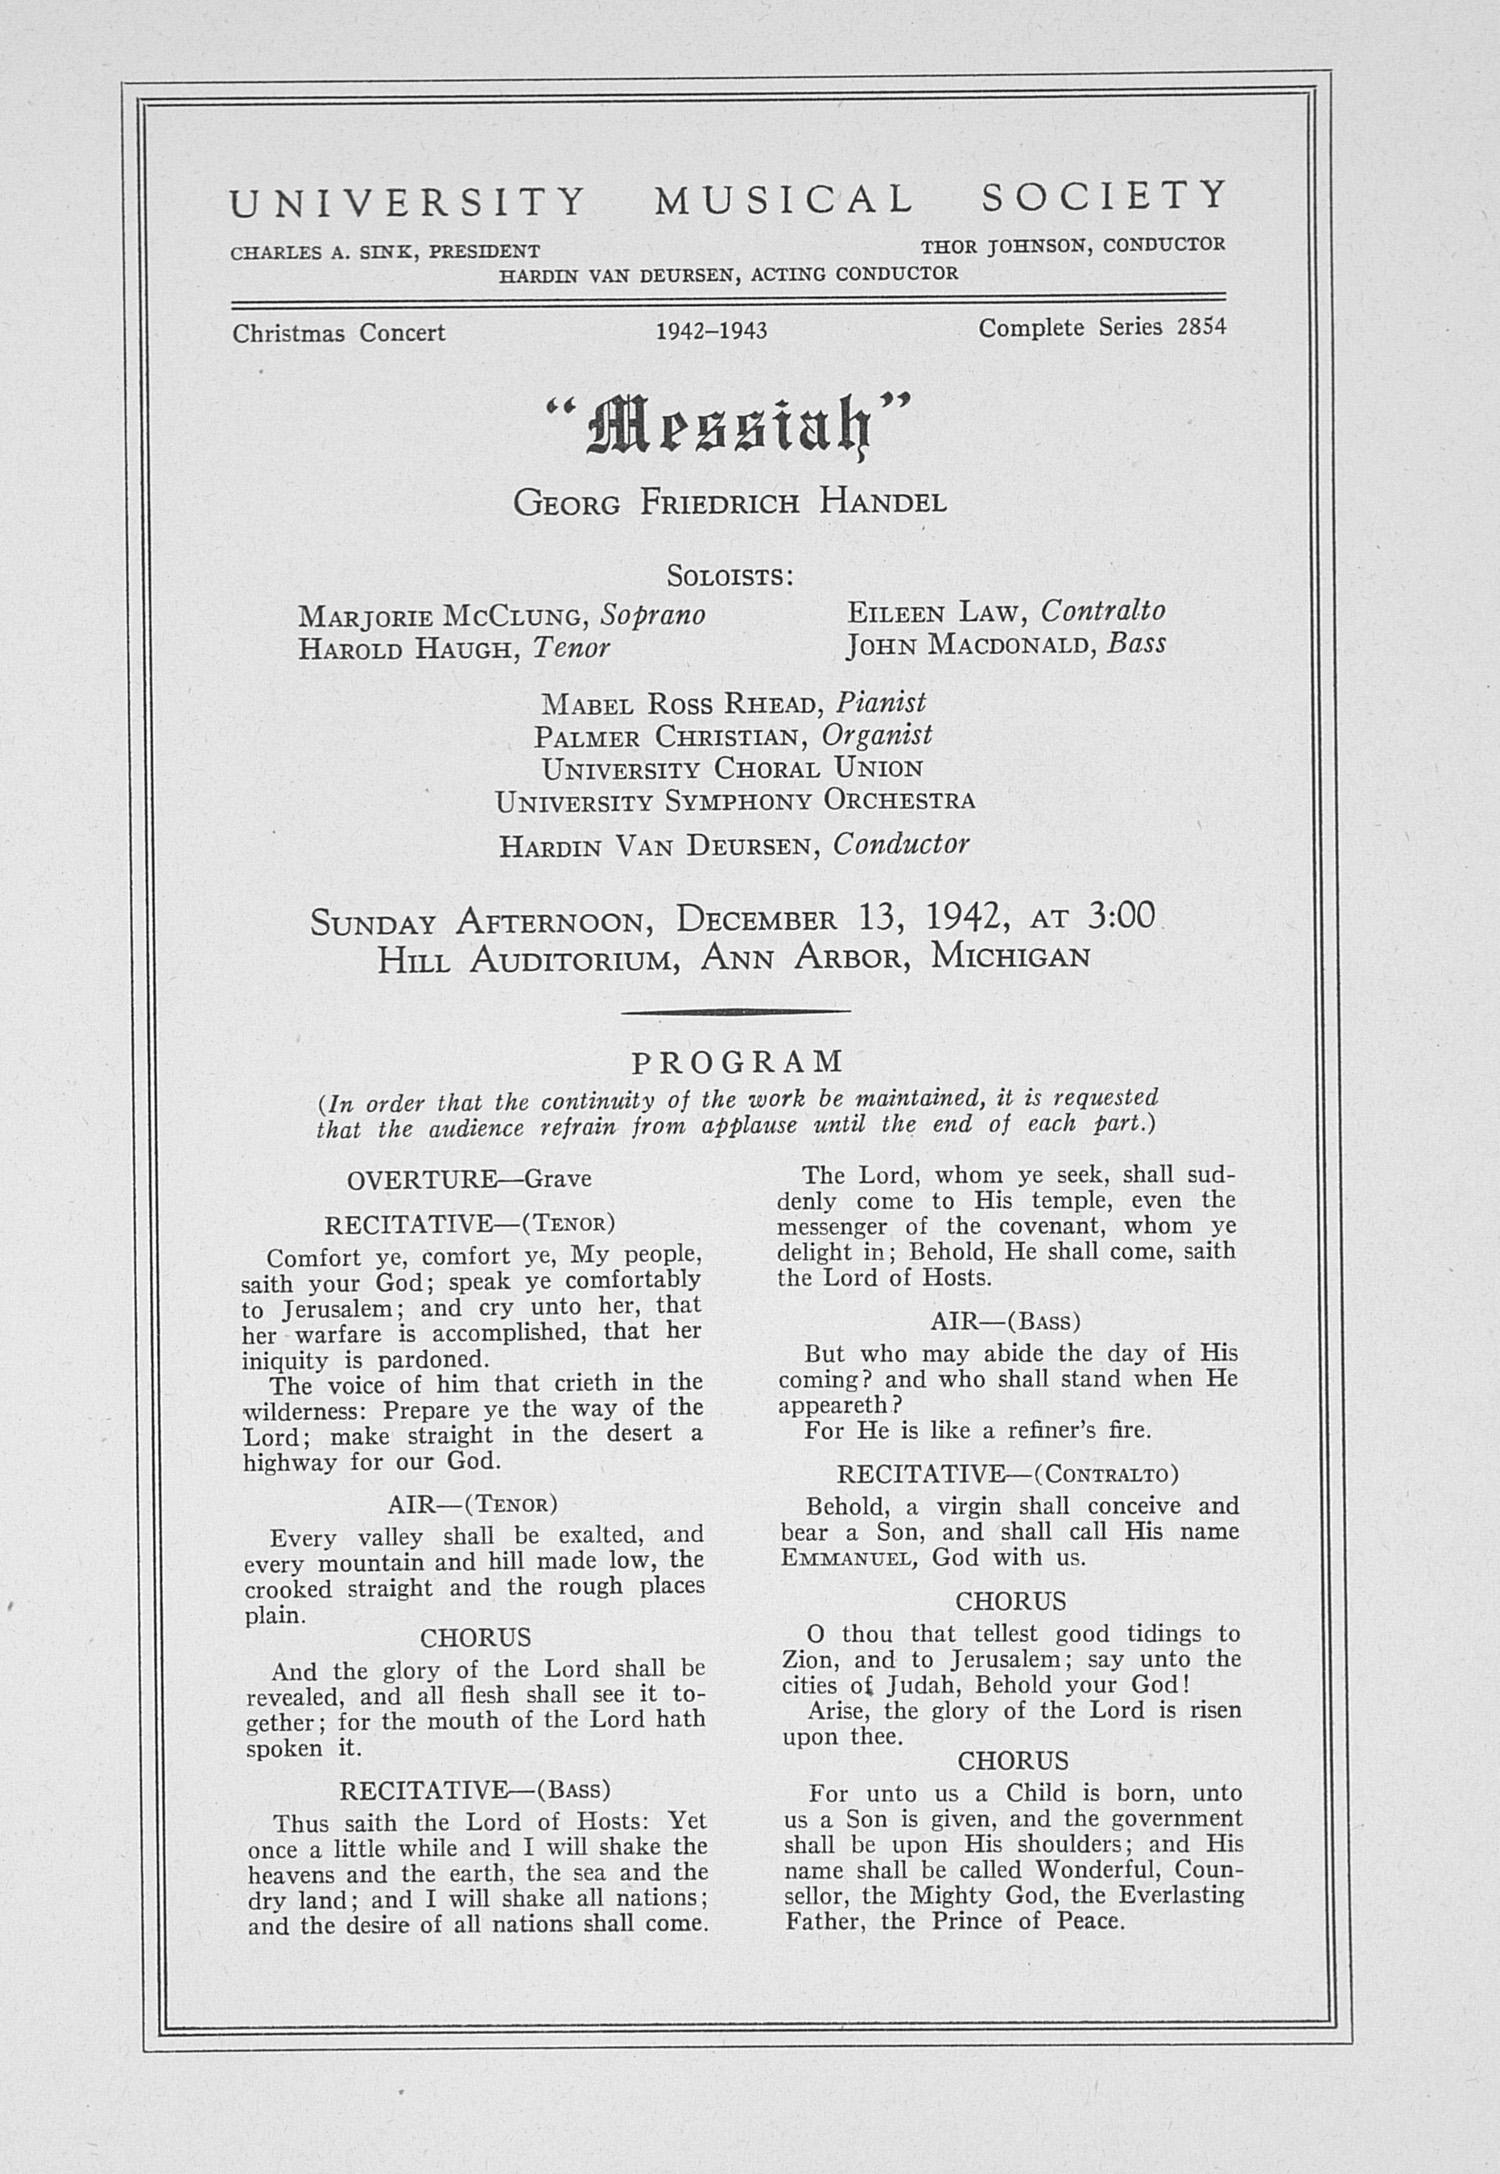 UMS Concert Program, December 13, 1942: \